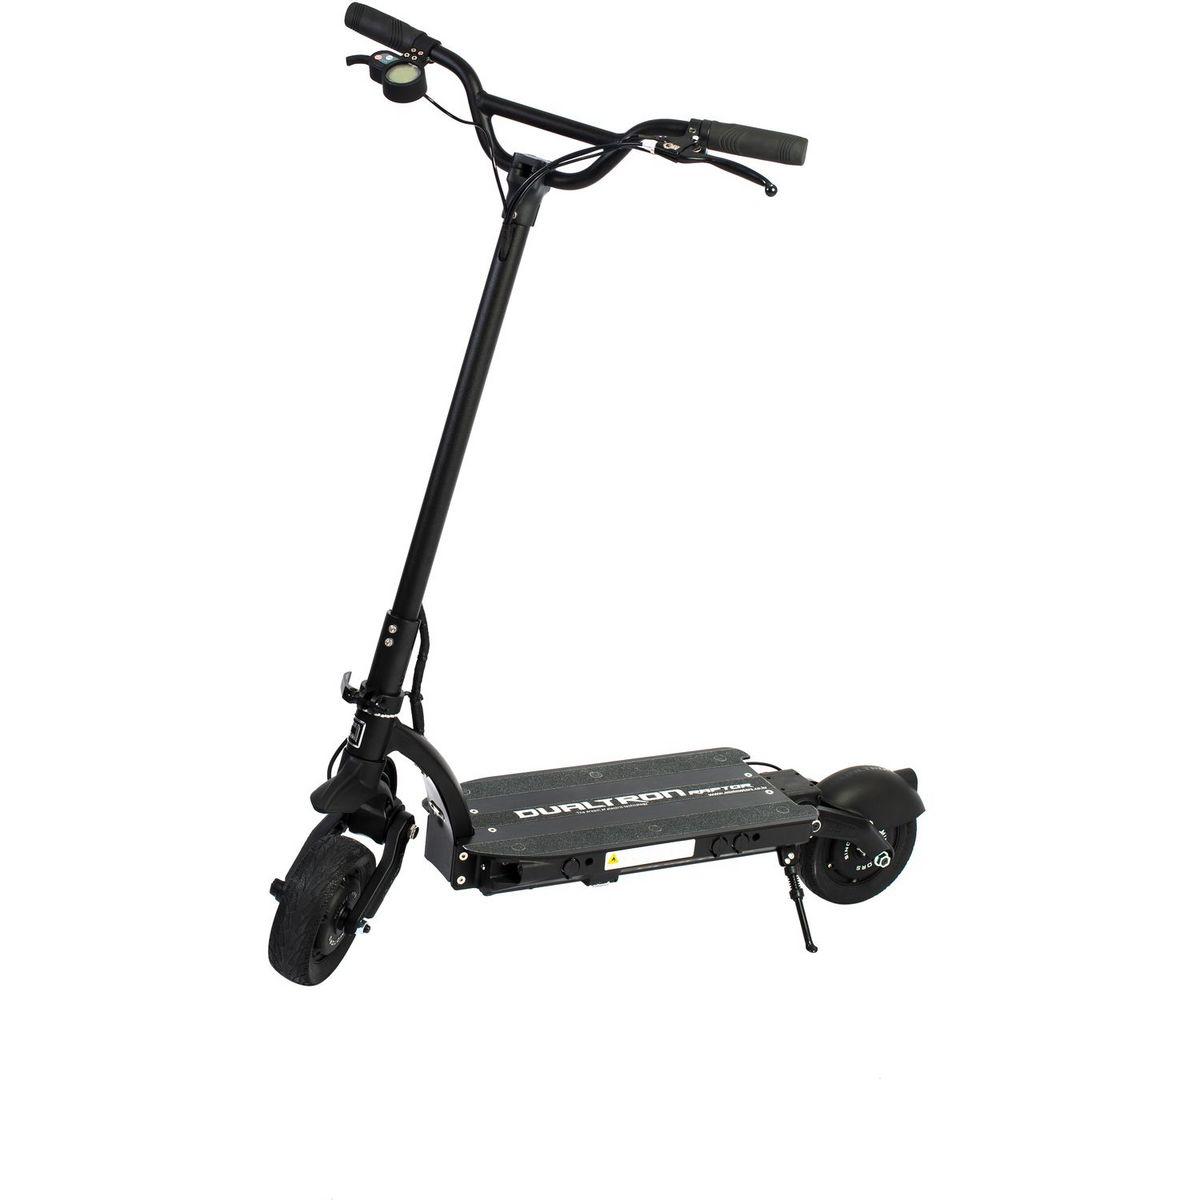 Trottinette électrique Dualtron Raptor 2 - Noir